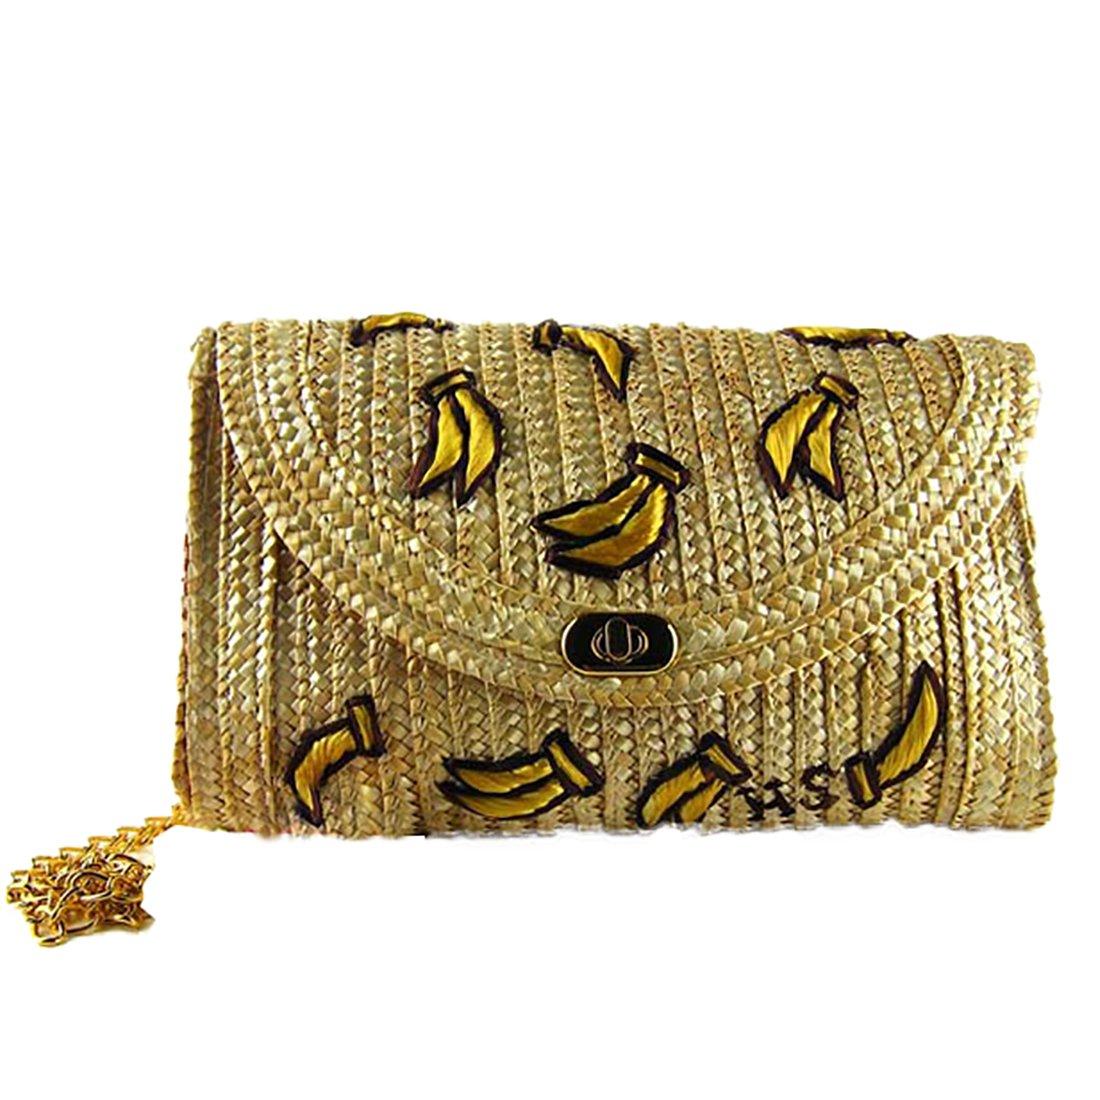 Straw bags for Women Woven Summer Beach bag Evening Clutch Purse (Banana)